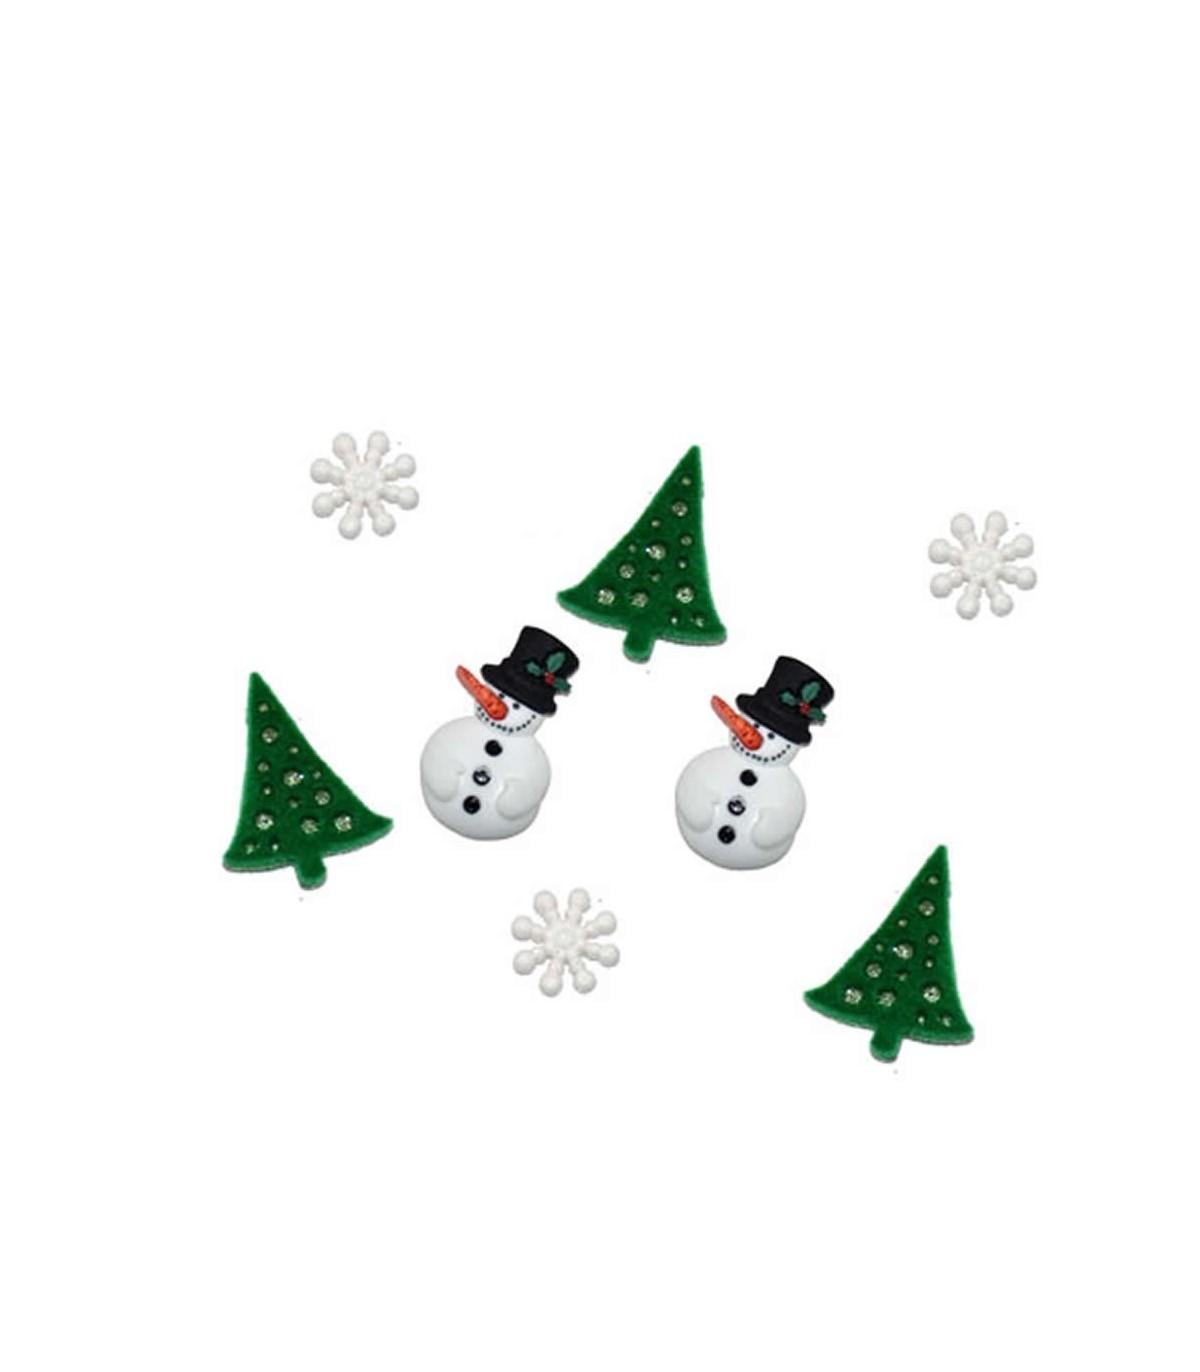 Botones Decorativos Para Patchwork De Navidad - Decorativos-de-navidad